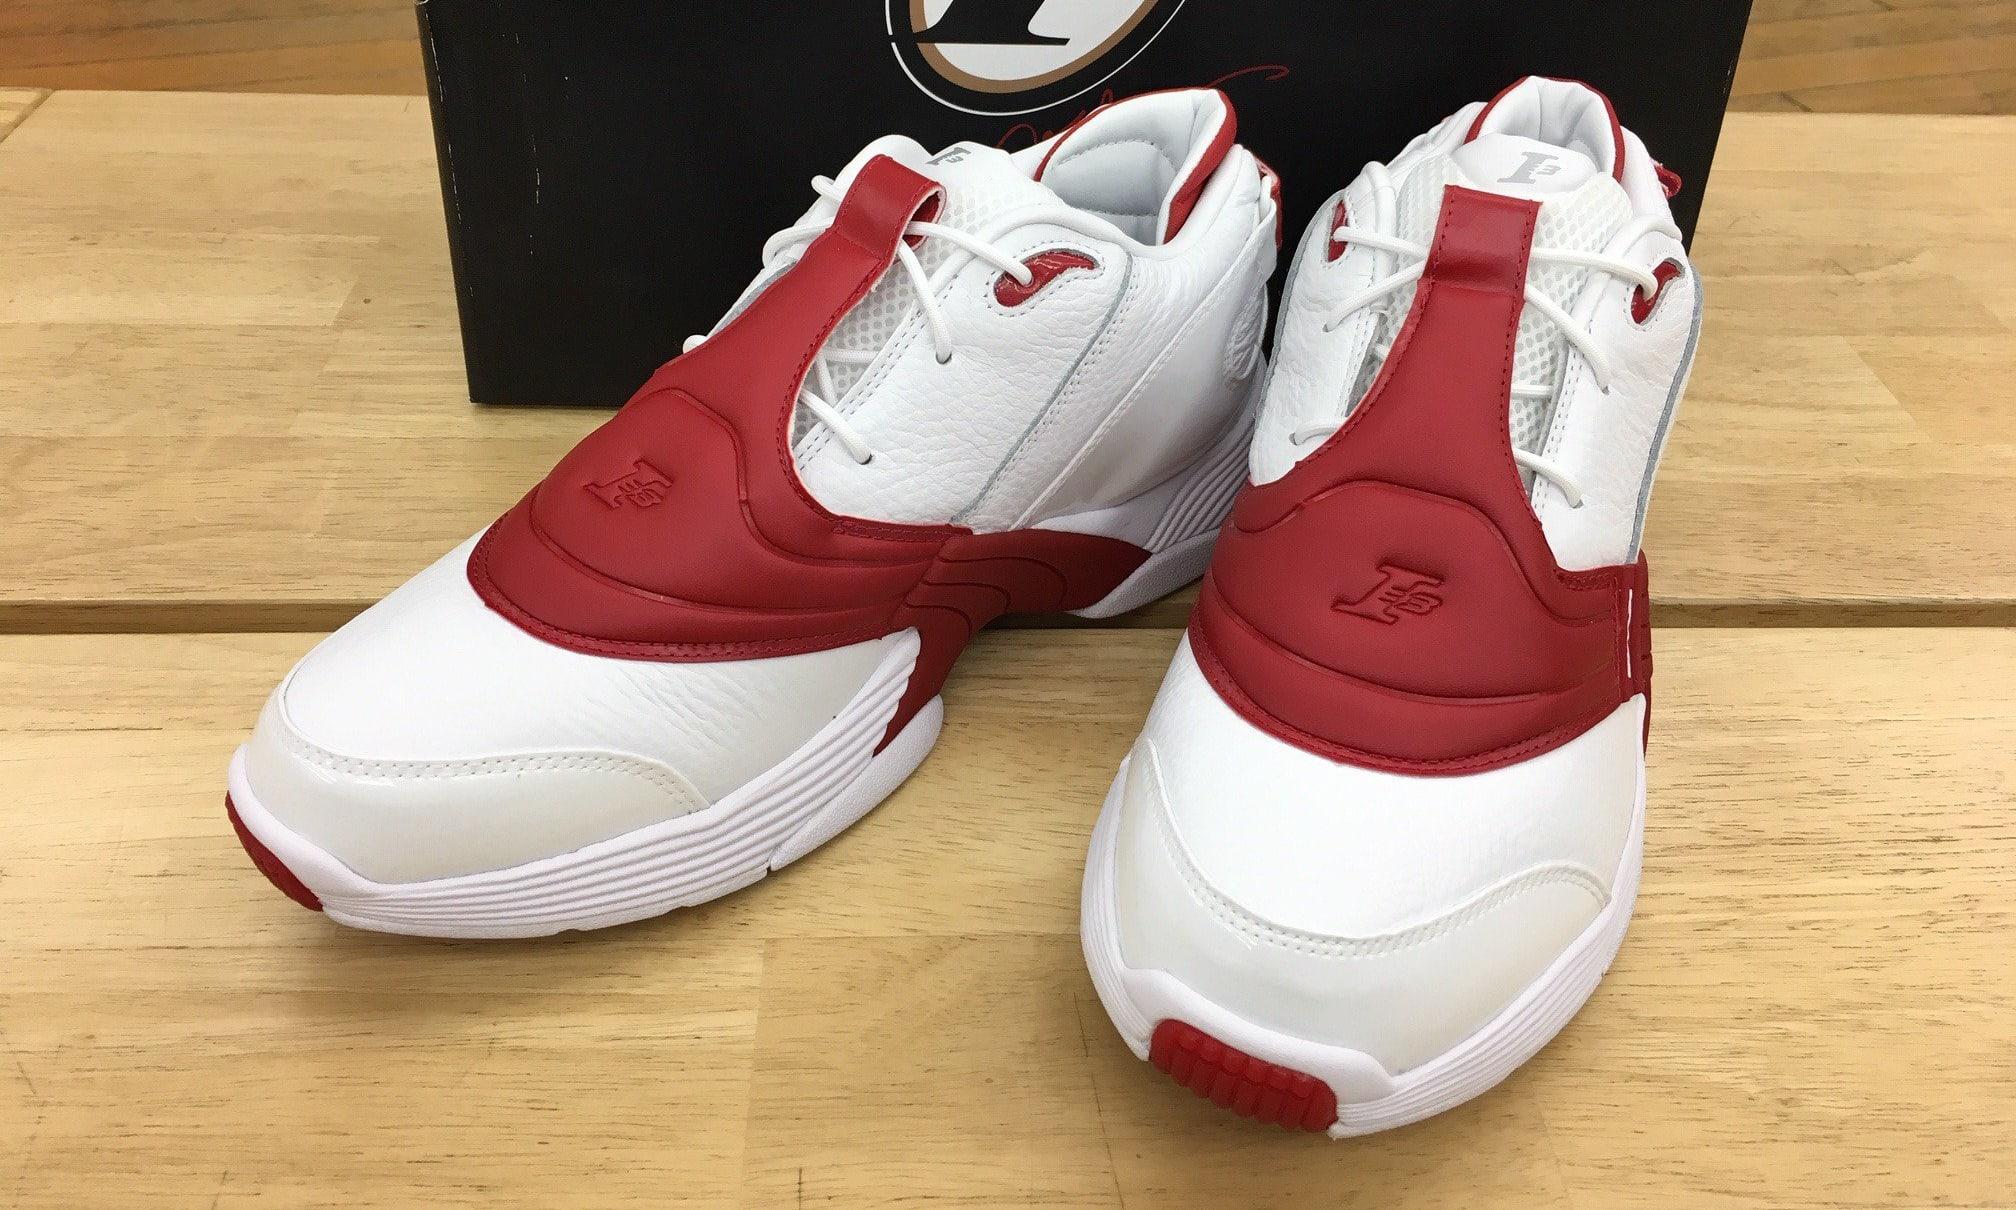 reebok-answer-v-og-white-red-pair